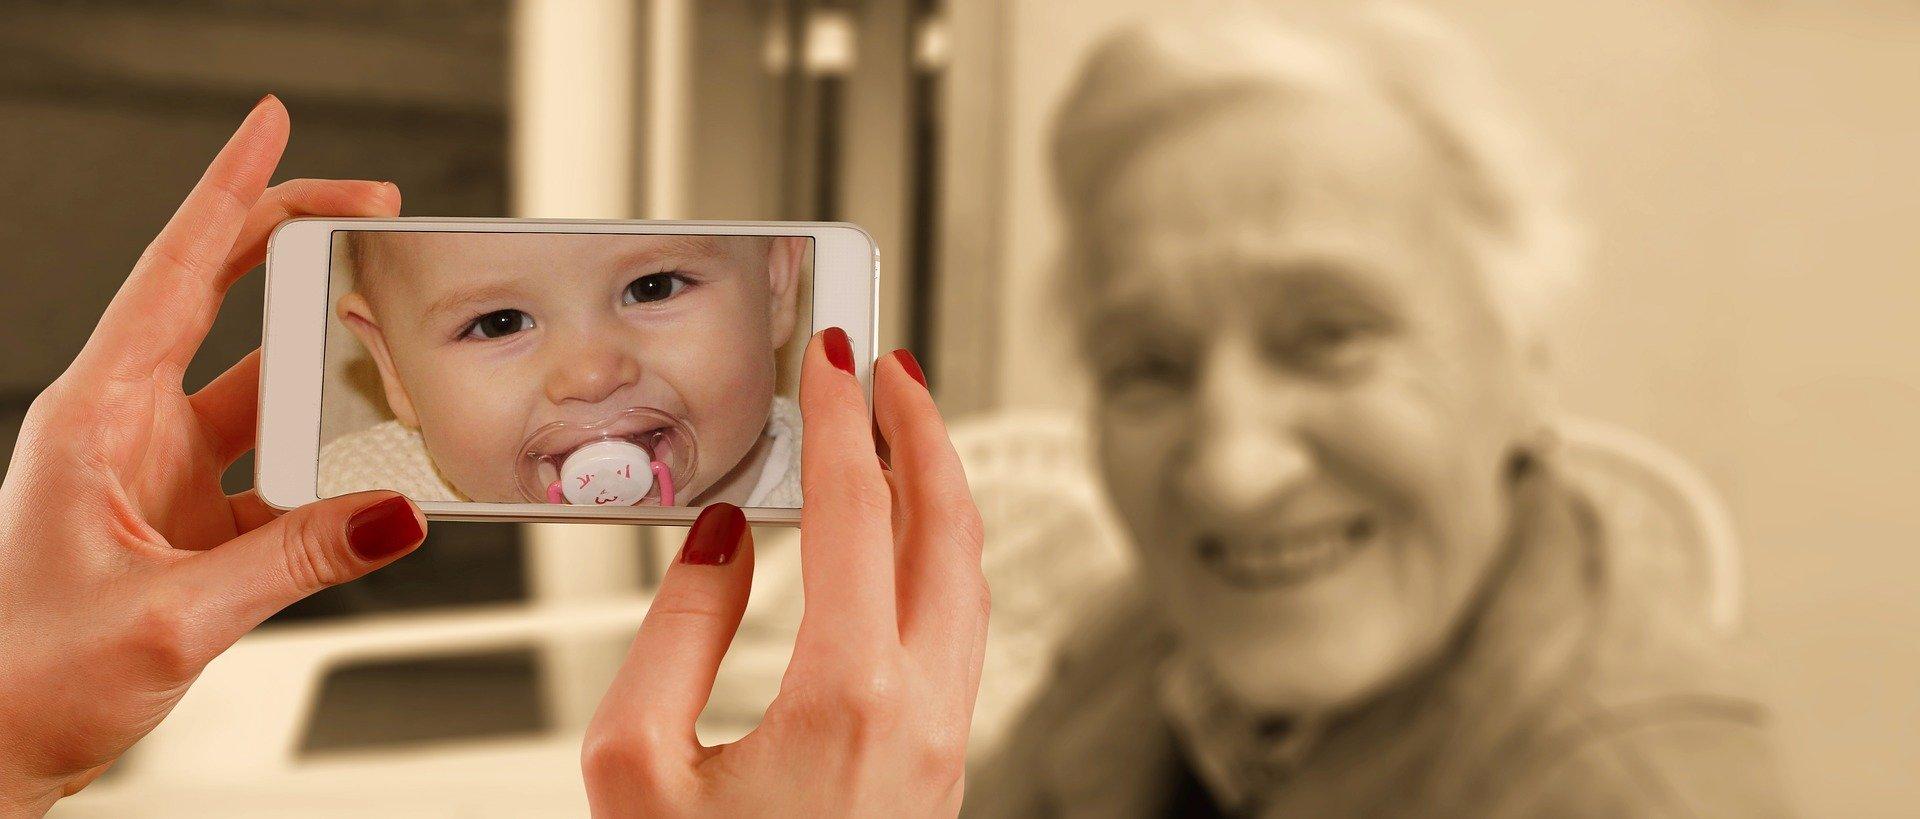 cómo la edad influye en los sabores